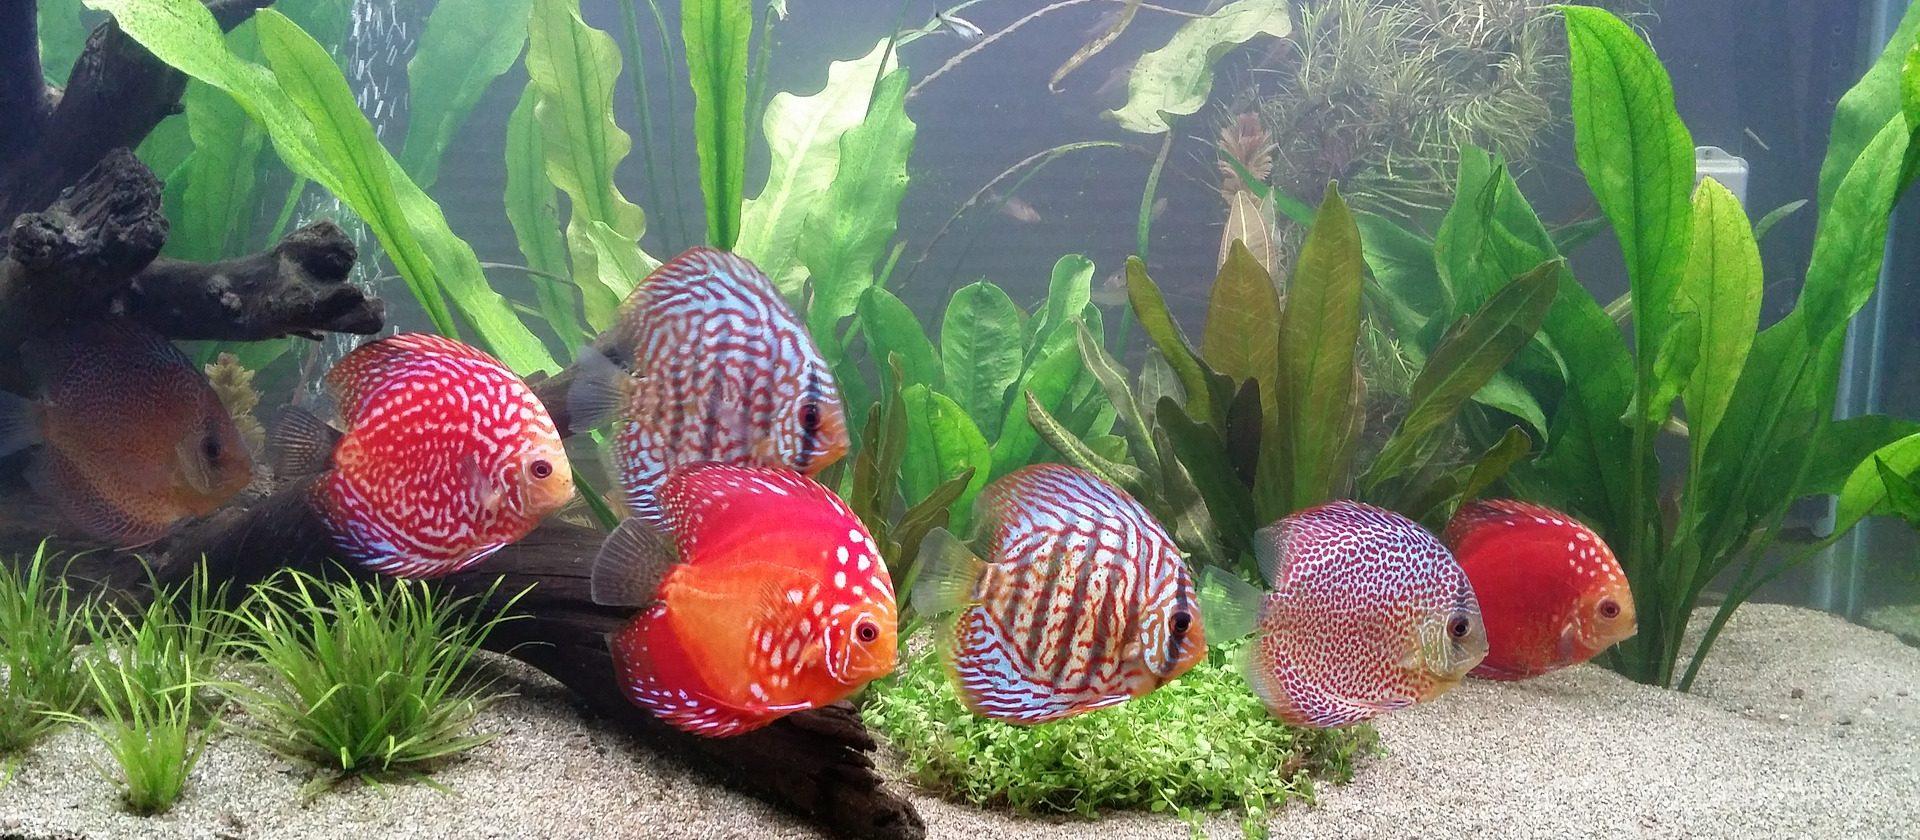 Diskusfisch Aquarium